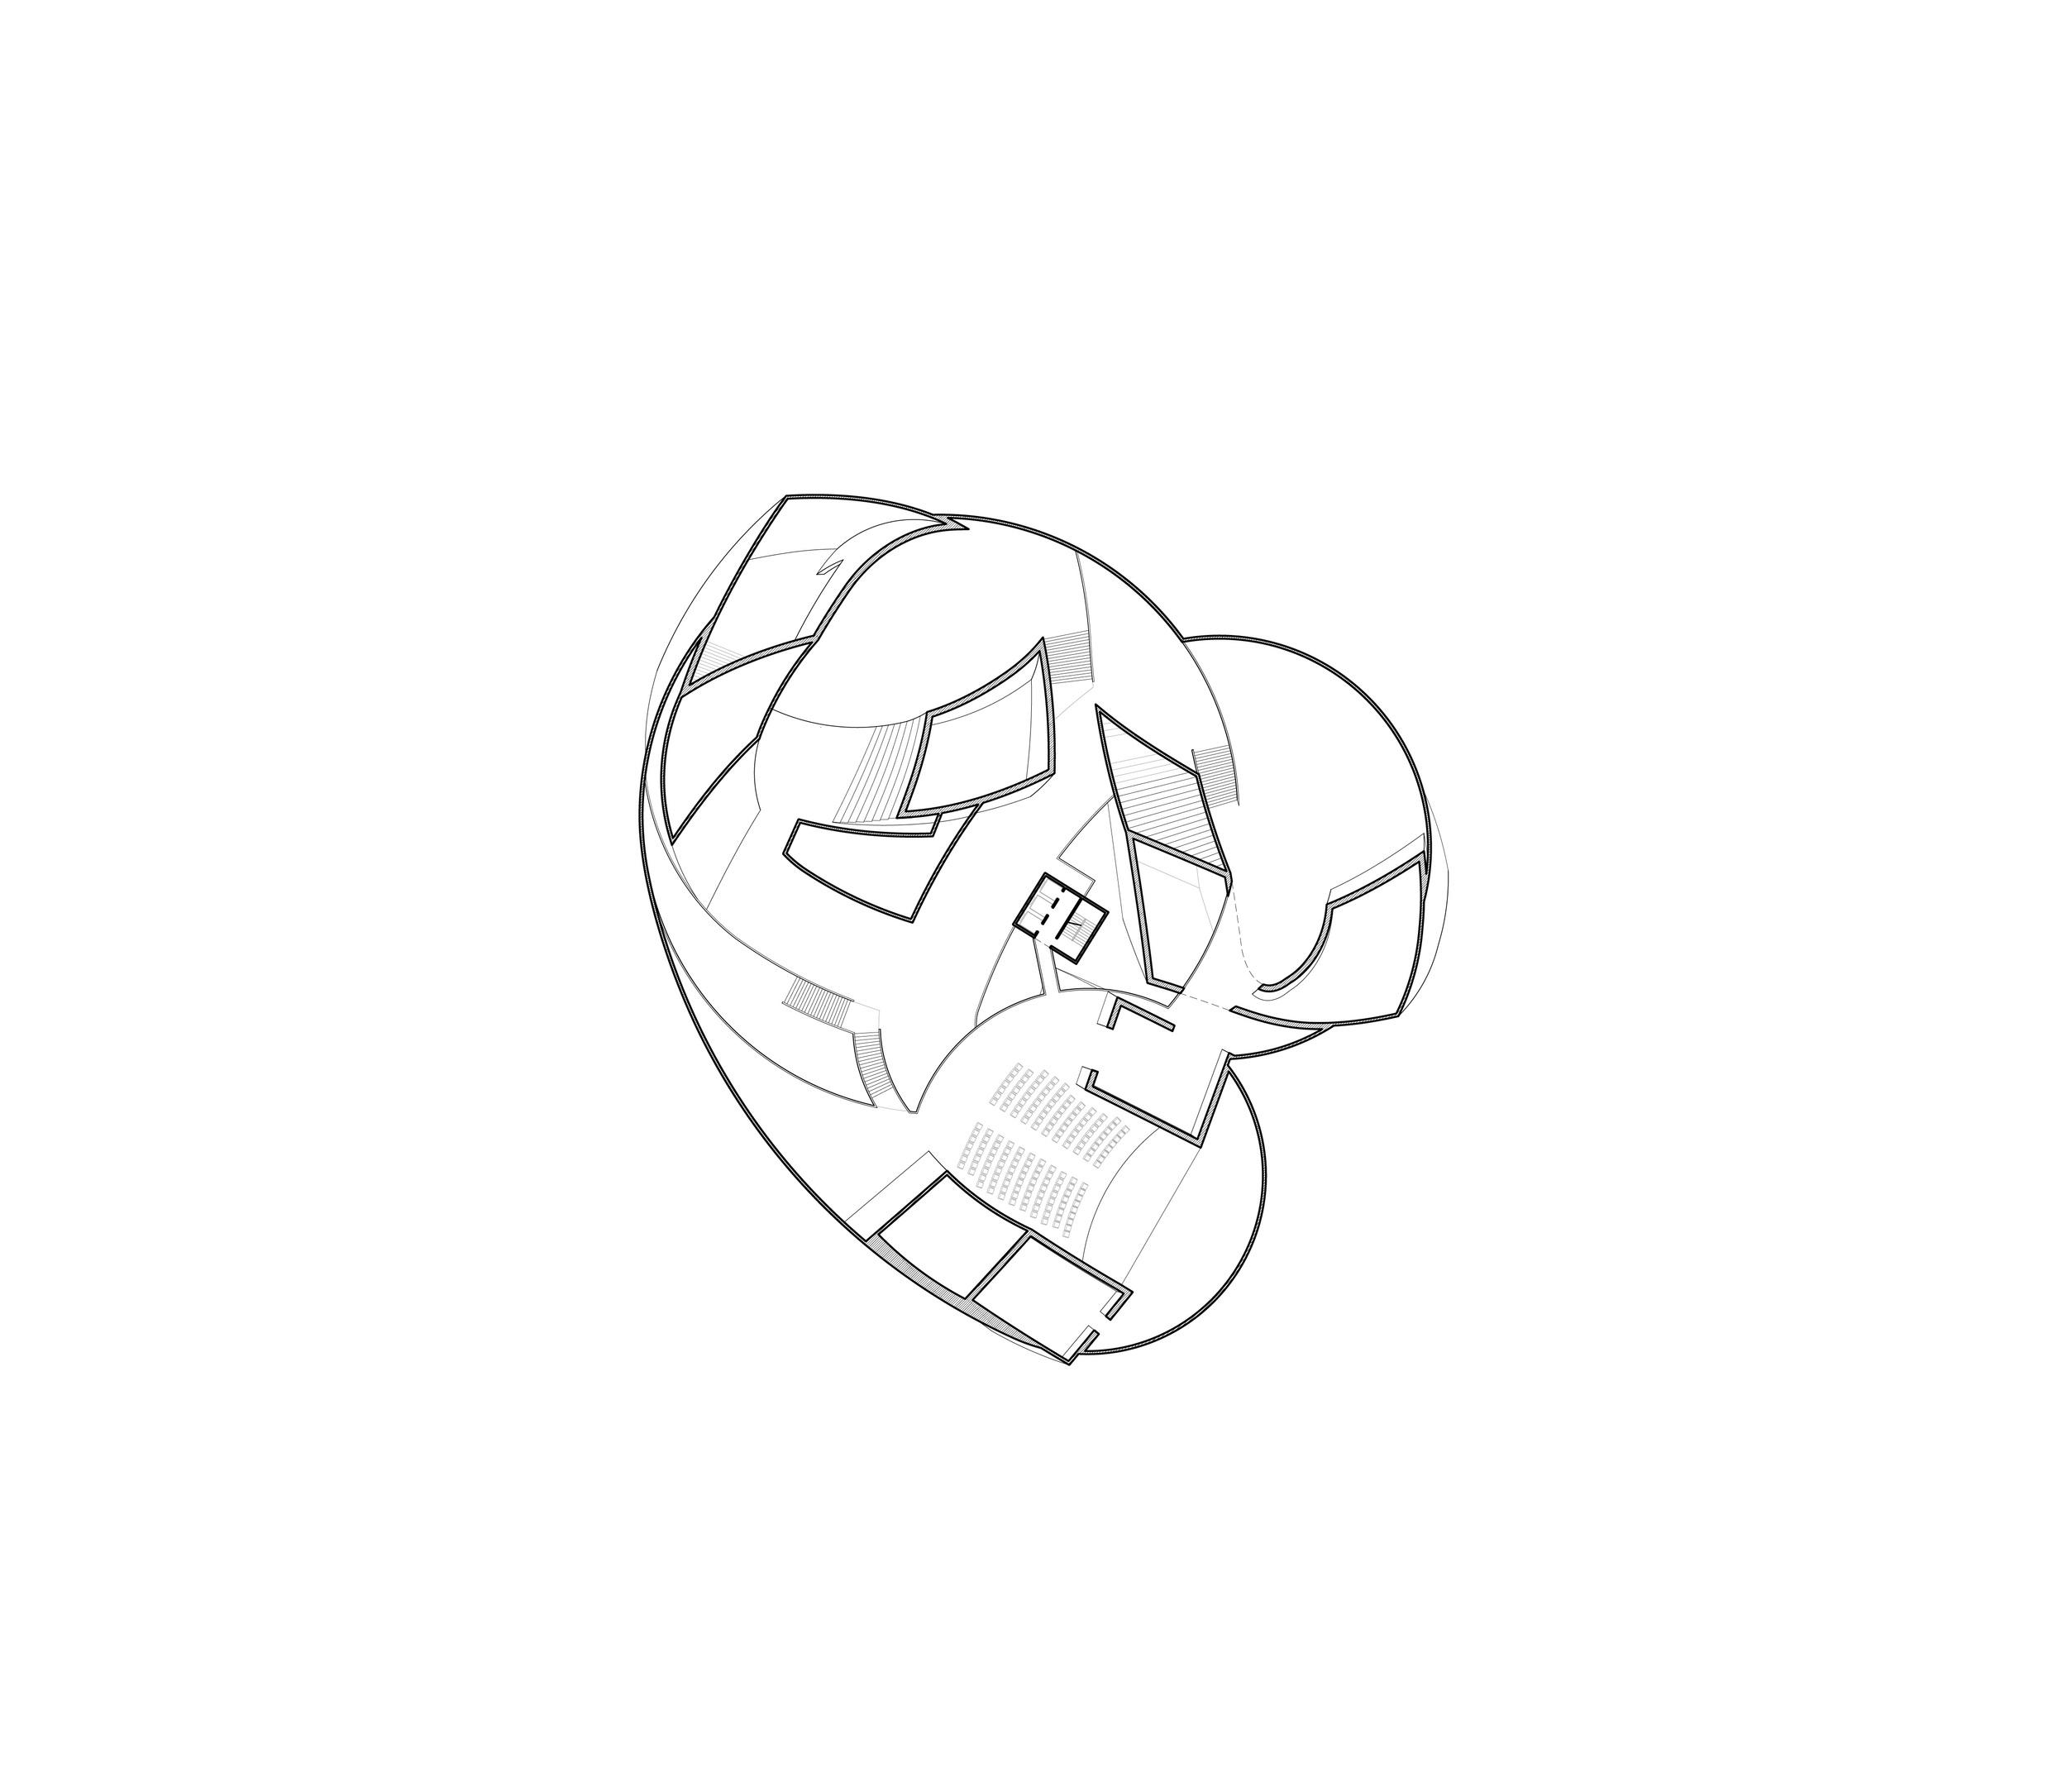 Squiggle_Shape-01.jpg